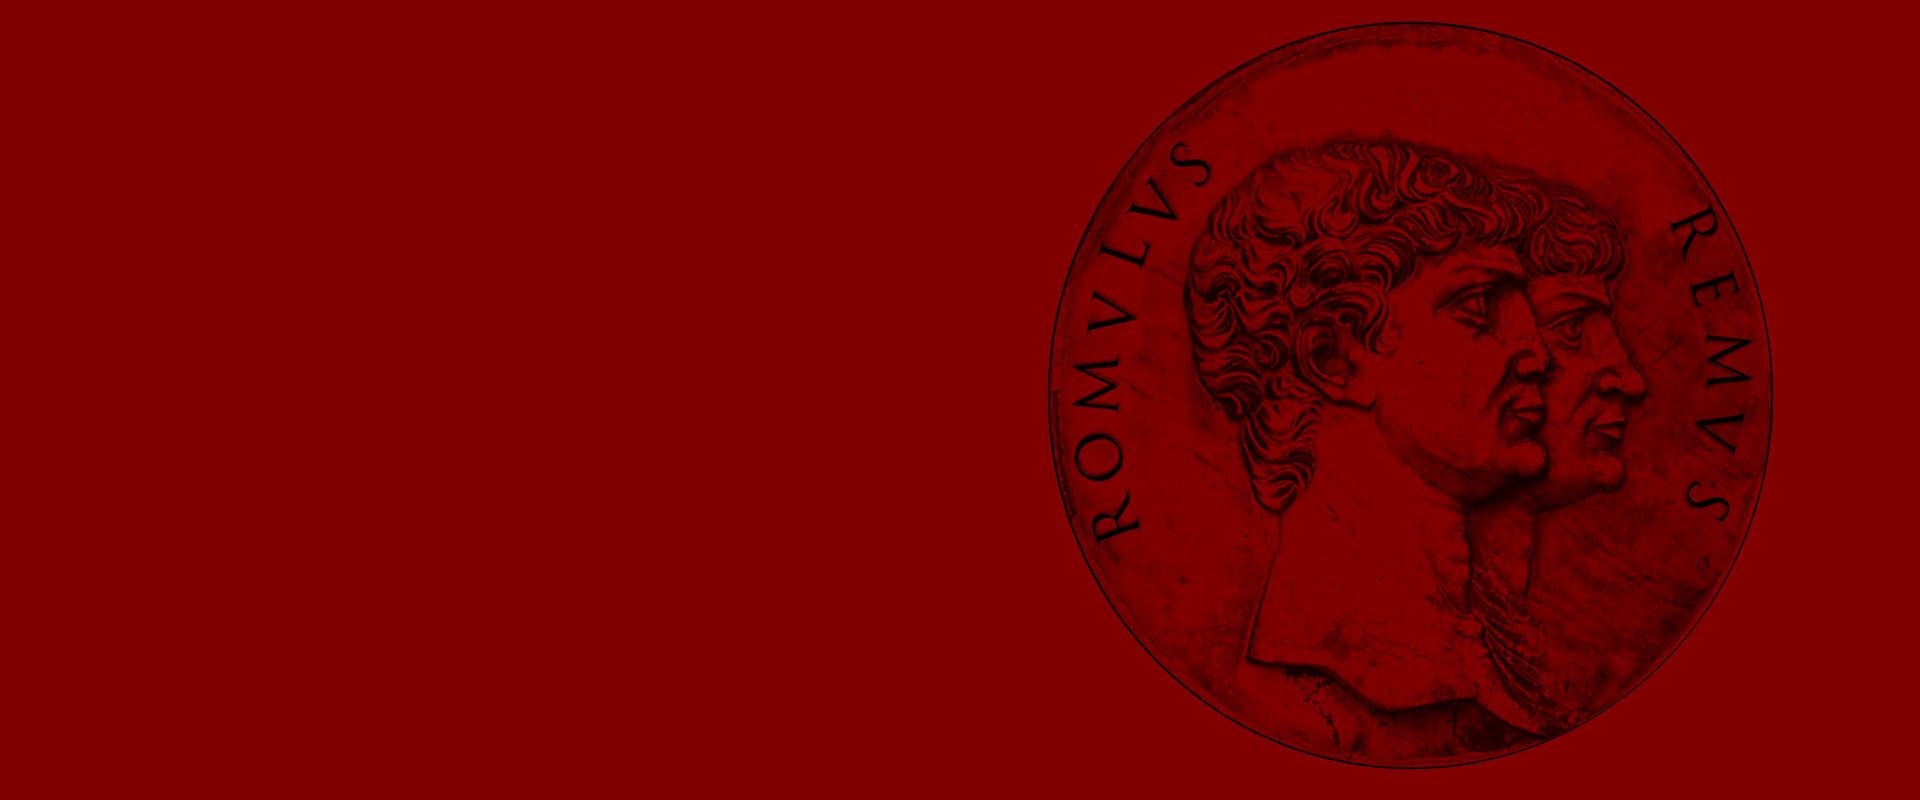 Romulus Remus medallion